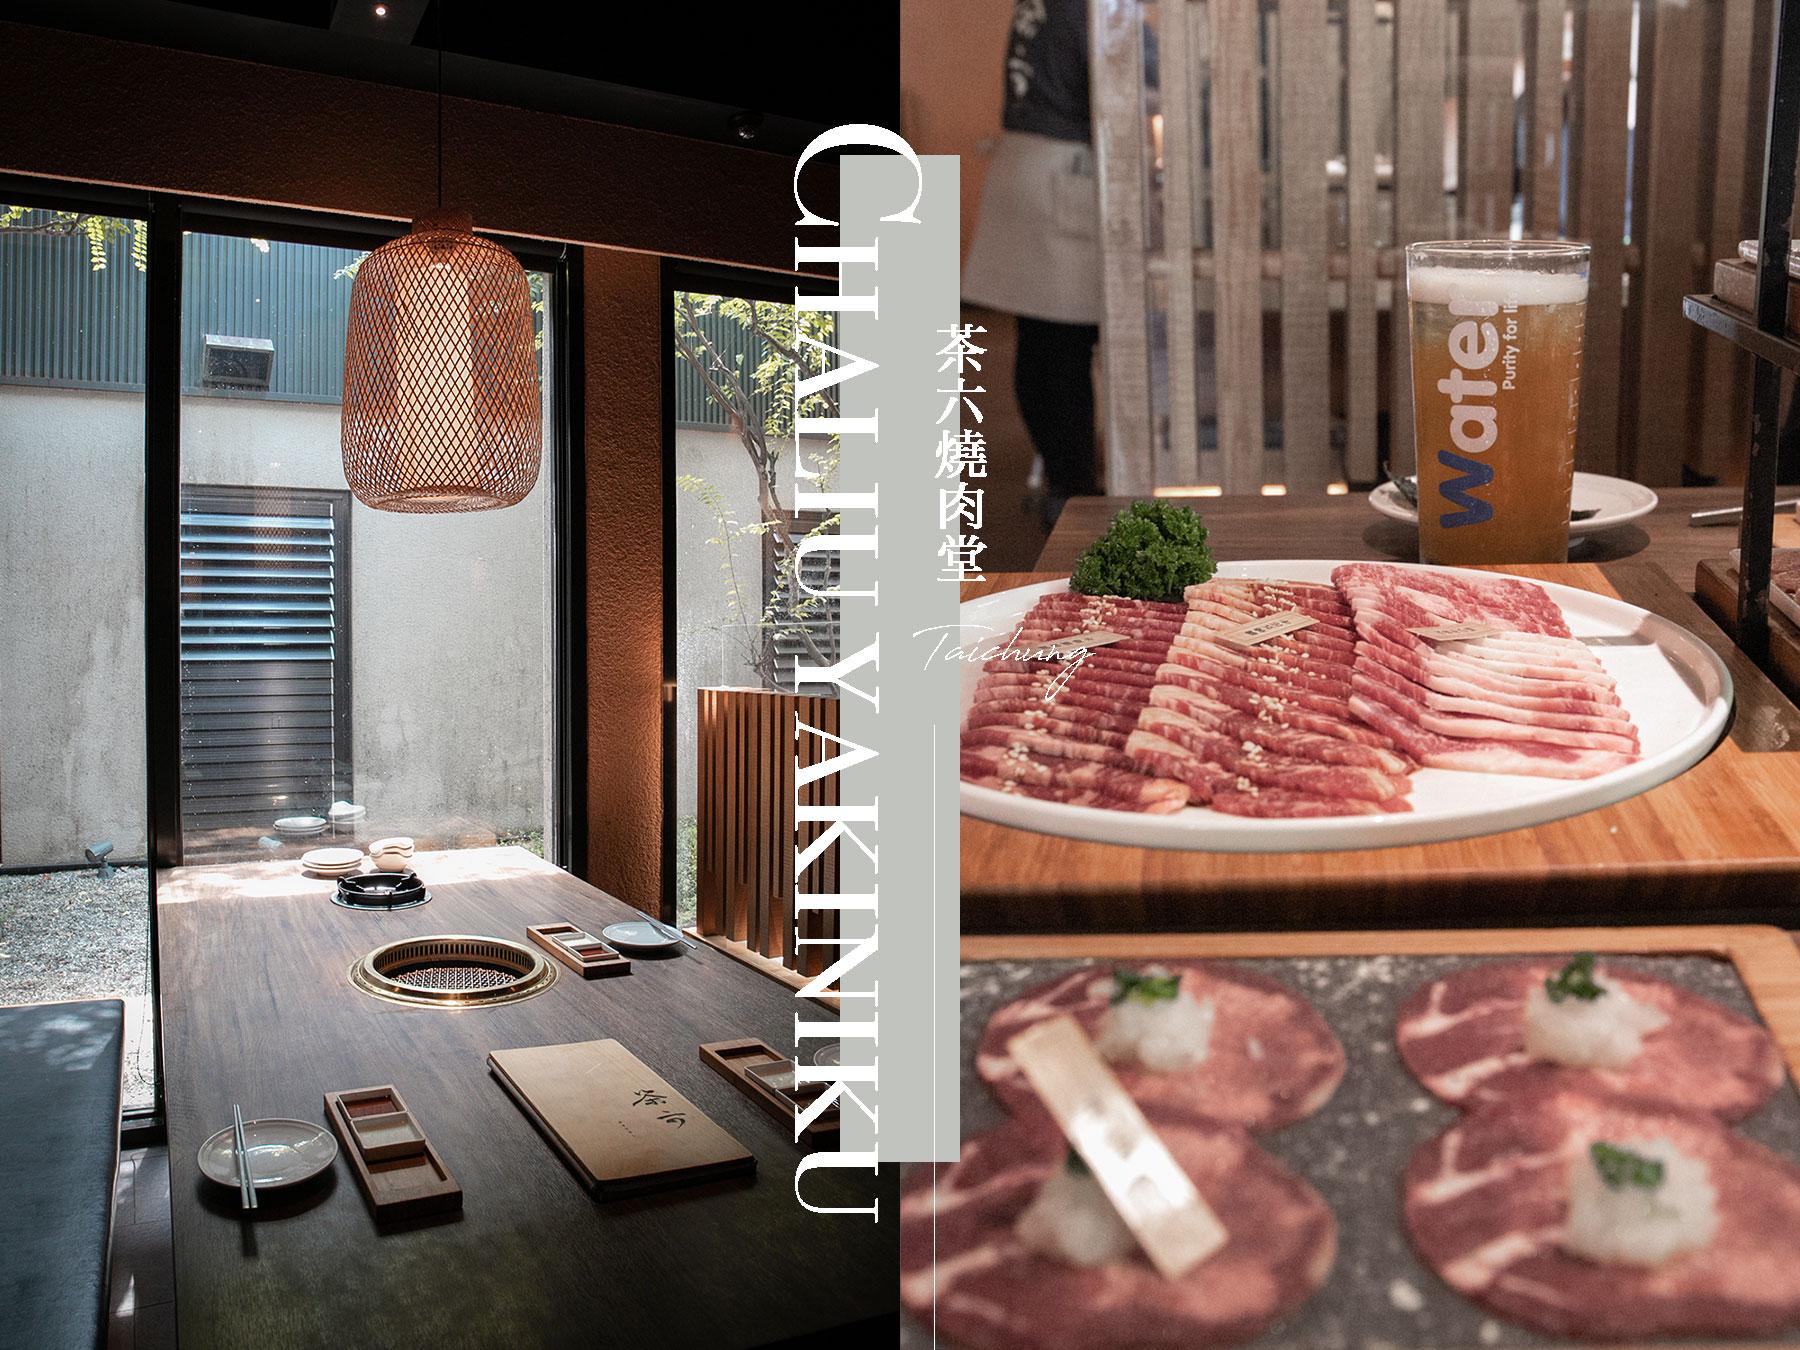 茶六燒肉堂朝富店|來台中的必吃燒肉,搶訂位的心得分享。生日壽星打9折!內含Menu餐點介紹